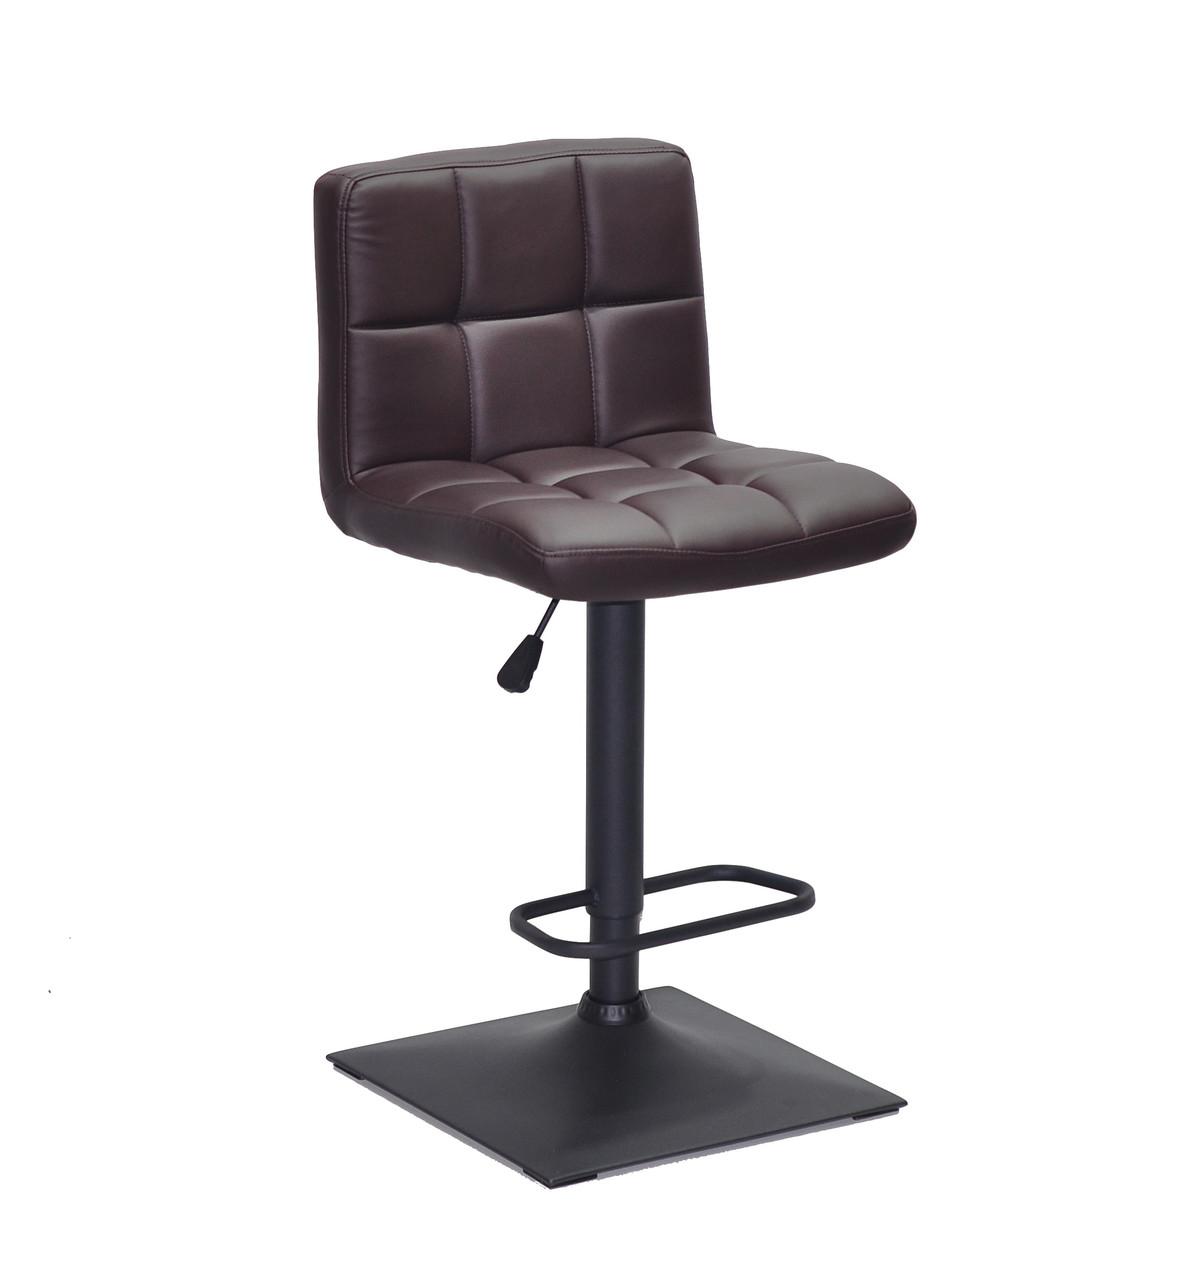 Коричневое кресло с подножкой на черном квадратном основании в эко-коже Arno BAR 4 BK - Base барный вариант